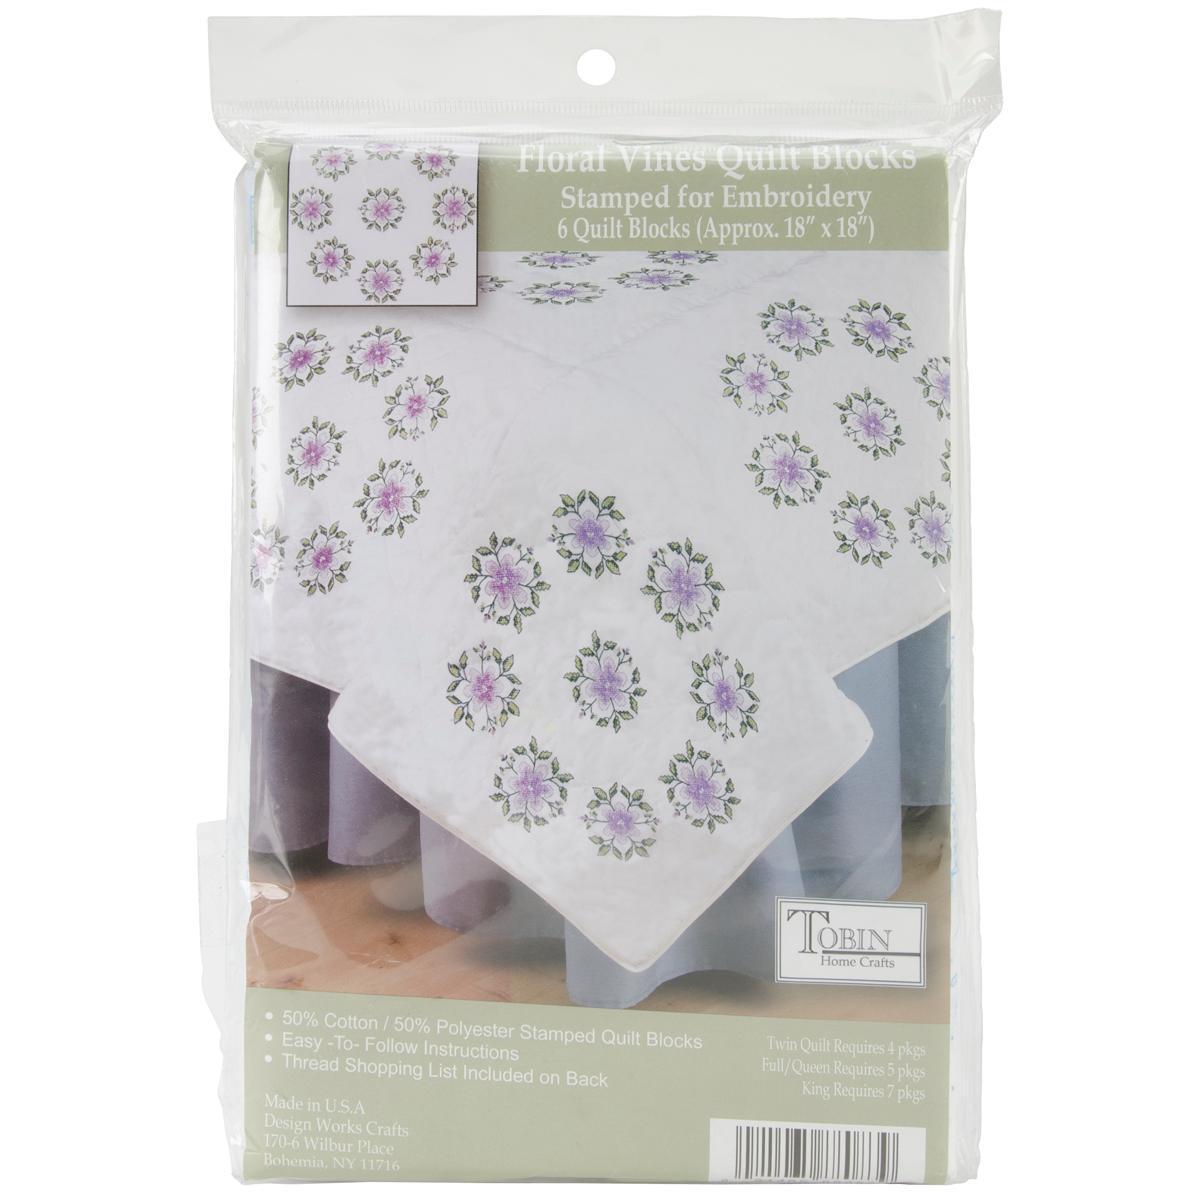 Design Works Stamped White Quilt Blocks 18 X18 6/Pkg - Floral Vine